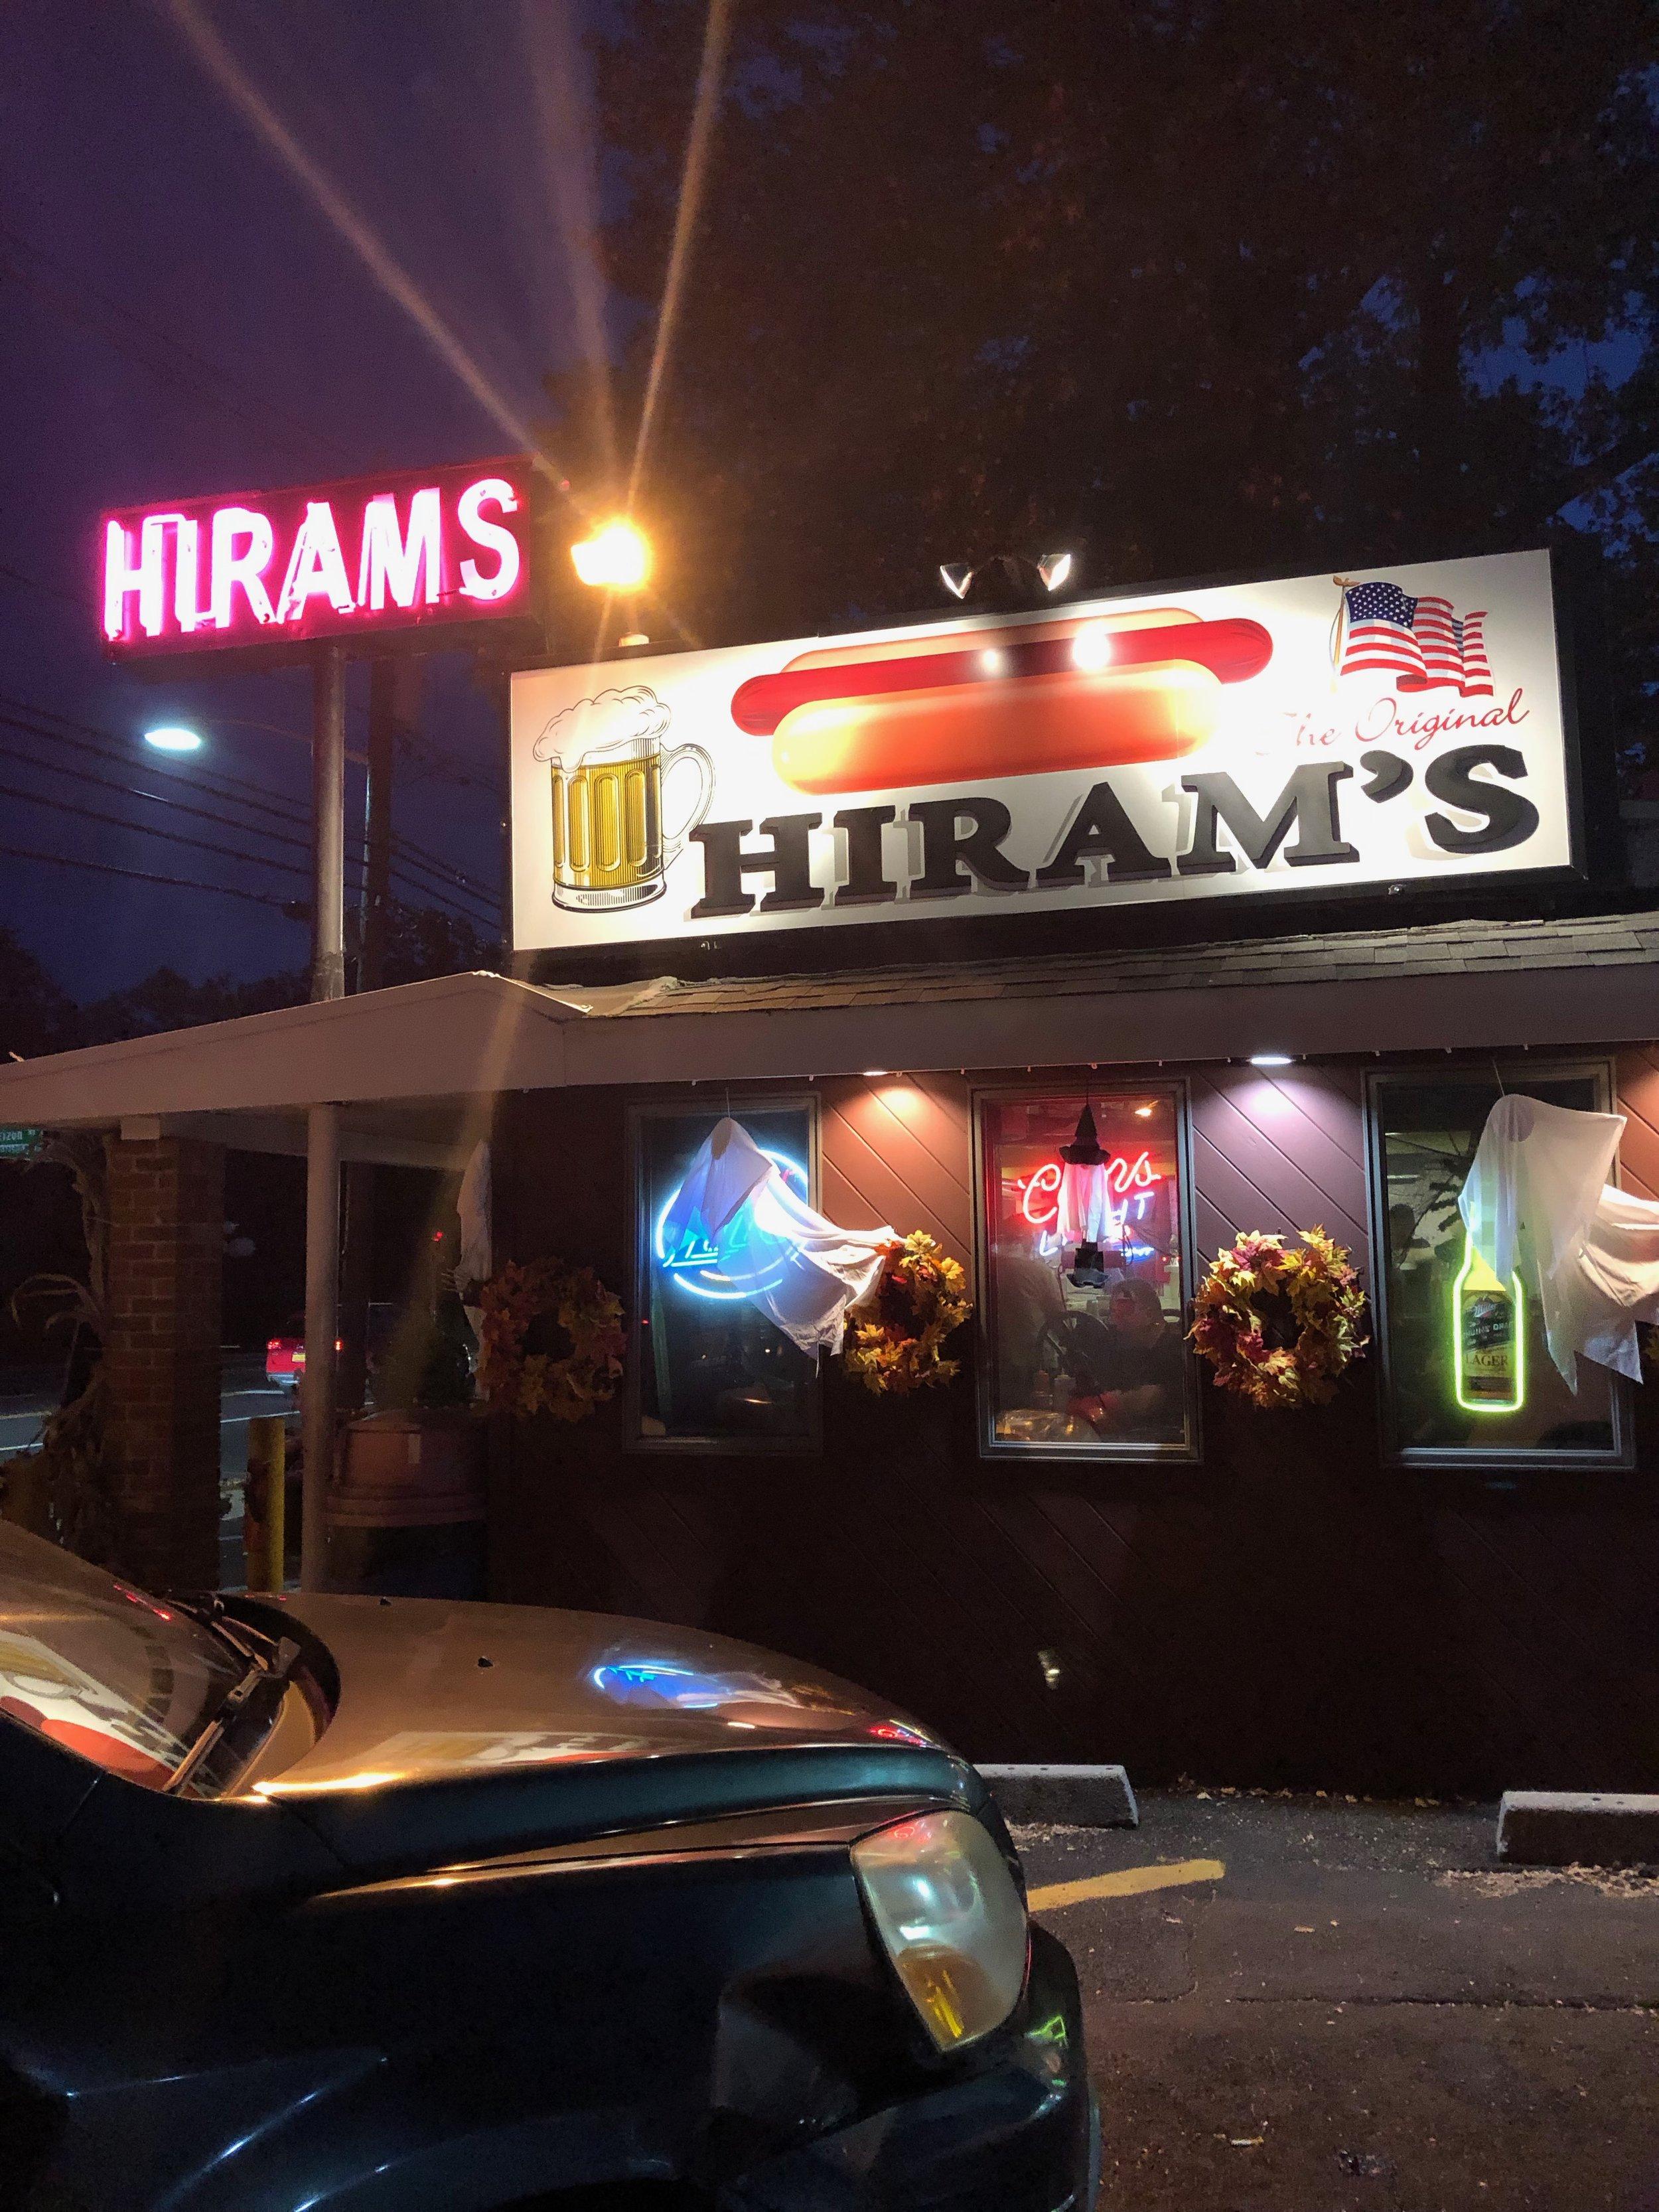 Hirams Fort Lee